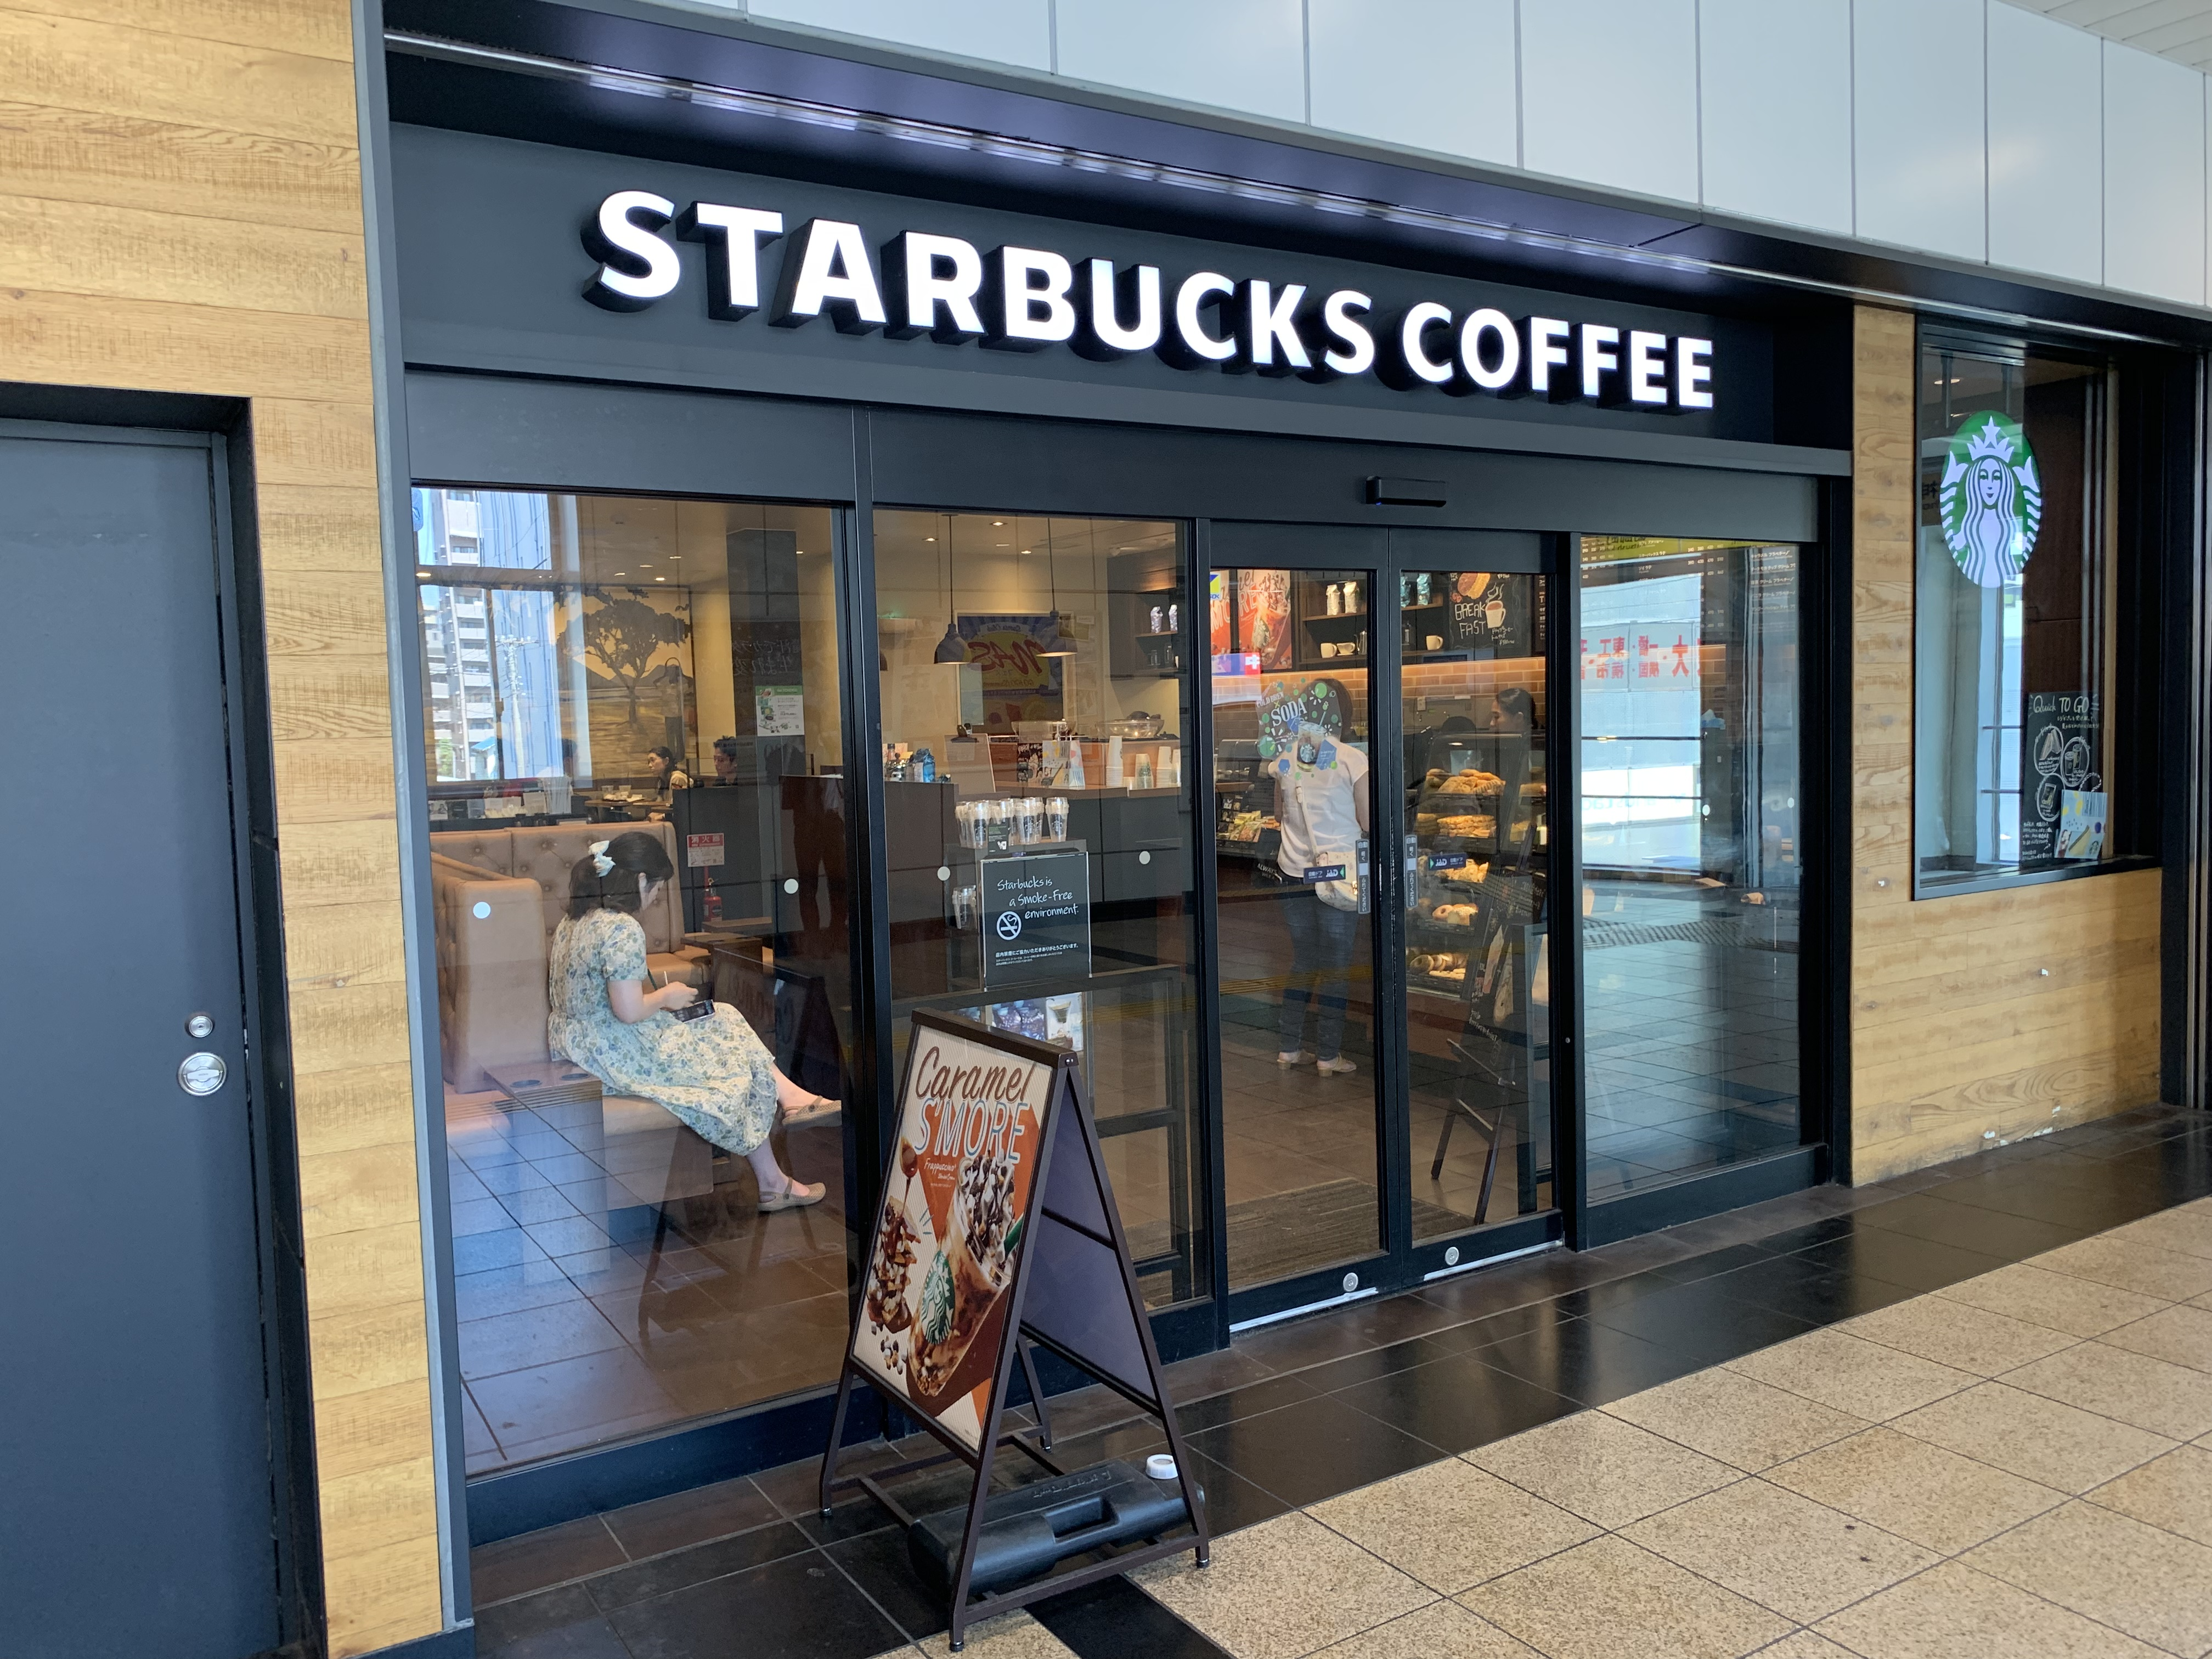 西船橋駅改札すぐ 電源カフェ スターバックスコーヒー 西船橋メトロピア店 Wi-Fi